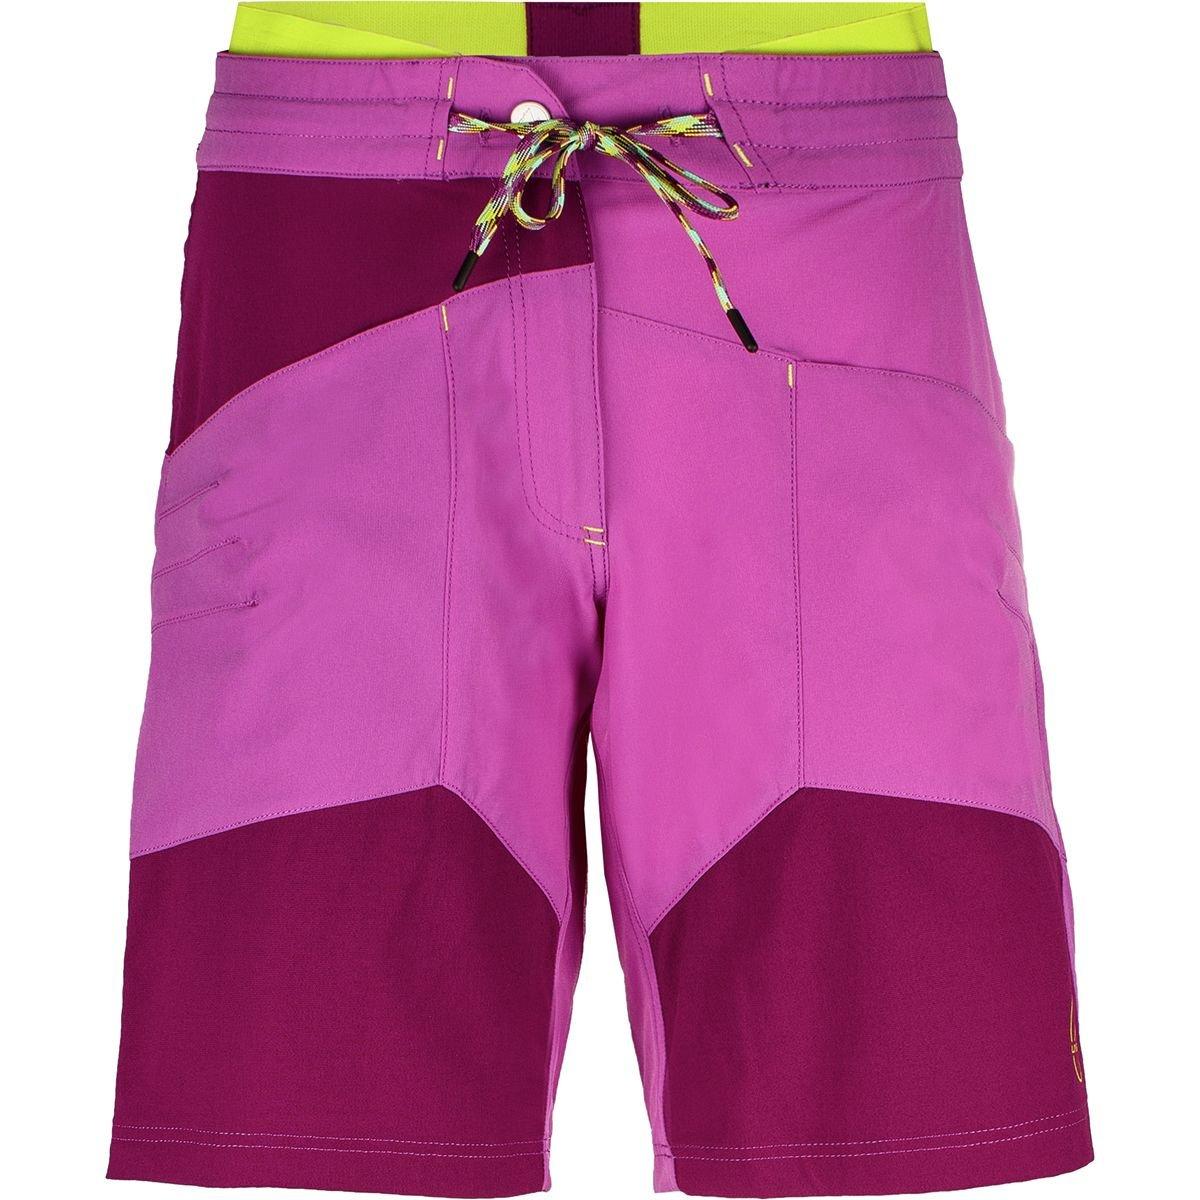 La Sportiva TX Short - Women's Purple/Plum, XS by La Sportiva (Image #1)